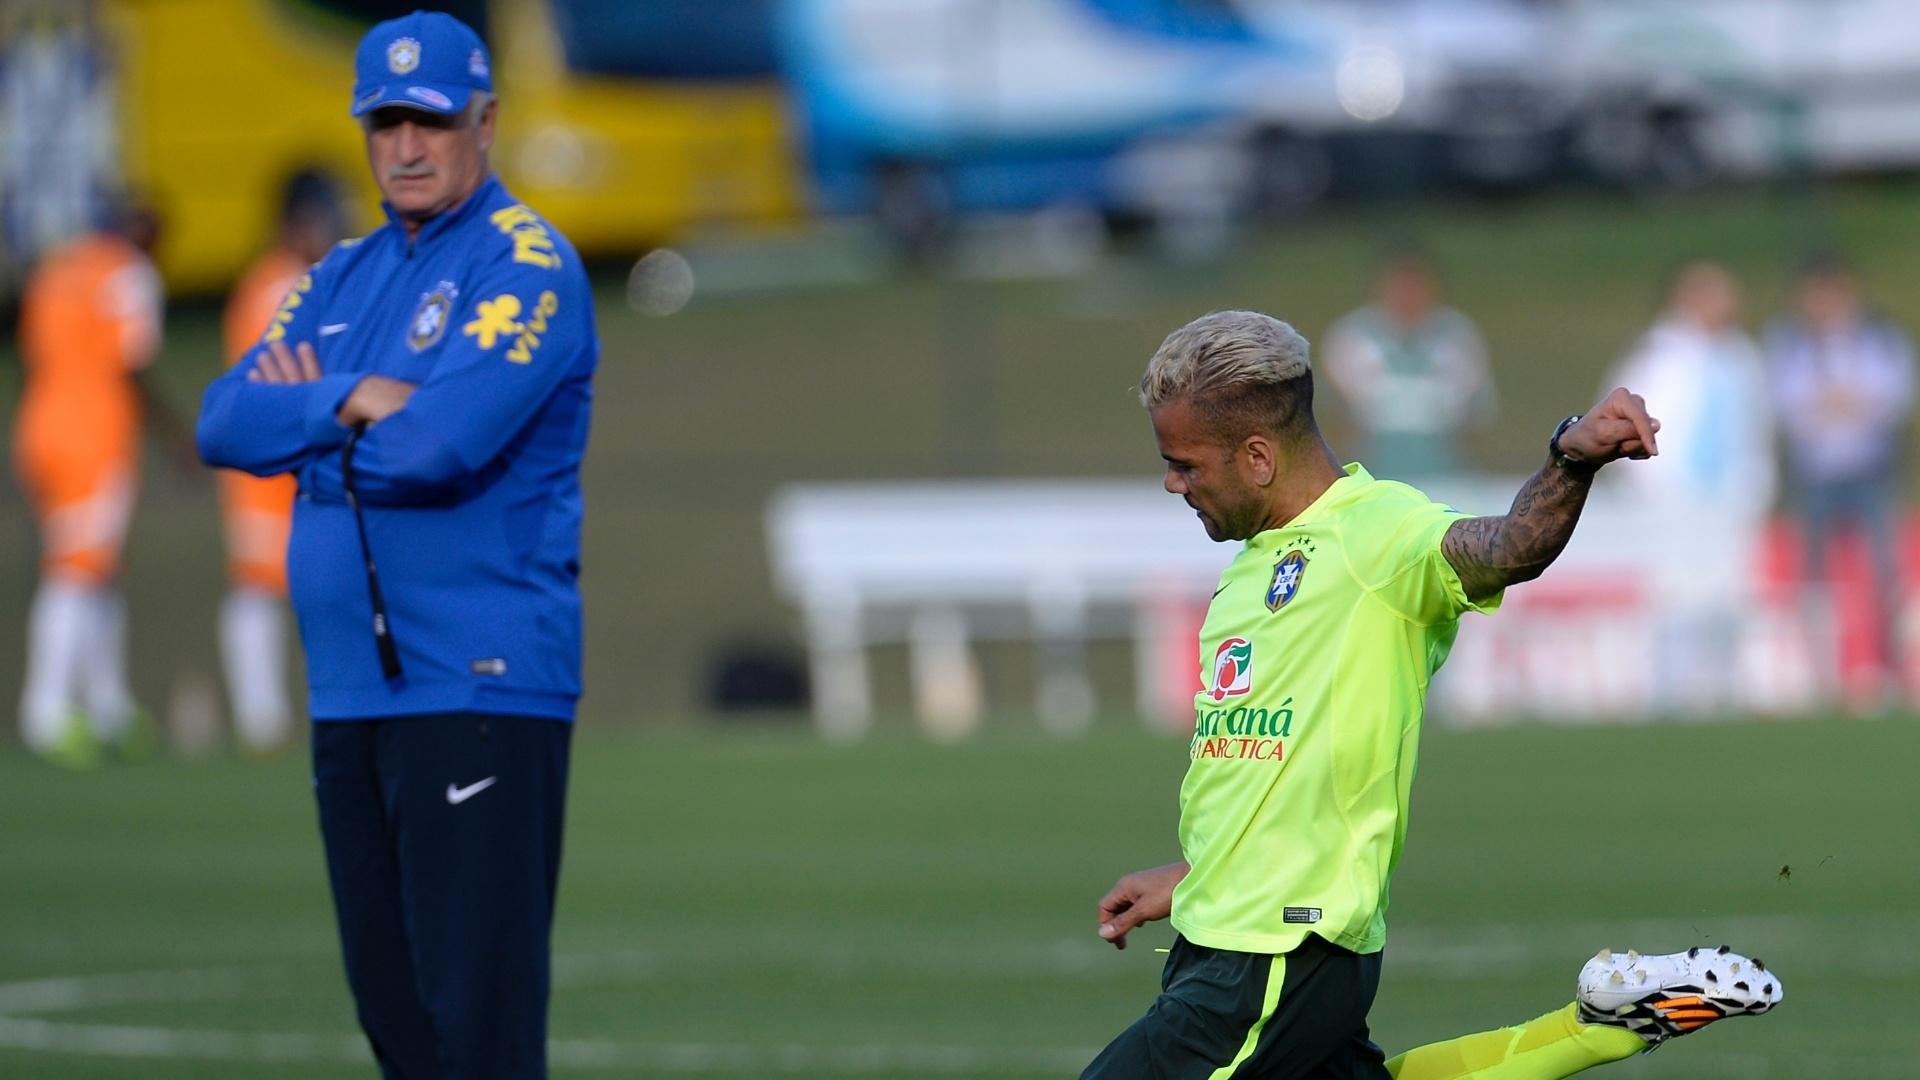 06.jul.2014 - Felipão observa Daniel Alves durante treinamento da seleção brasileira contra o time sub-20 do Fluminense